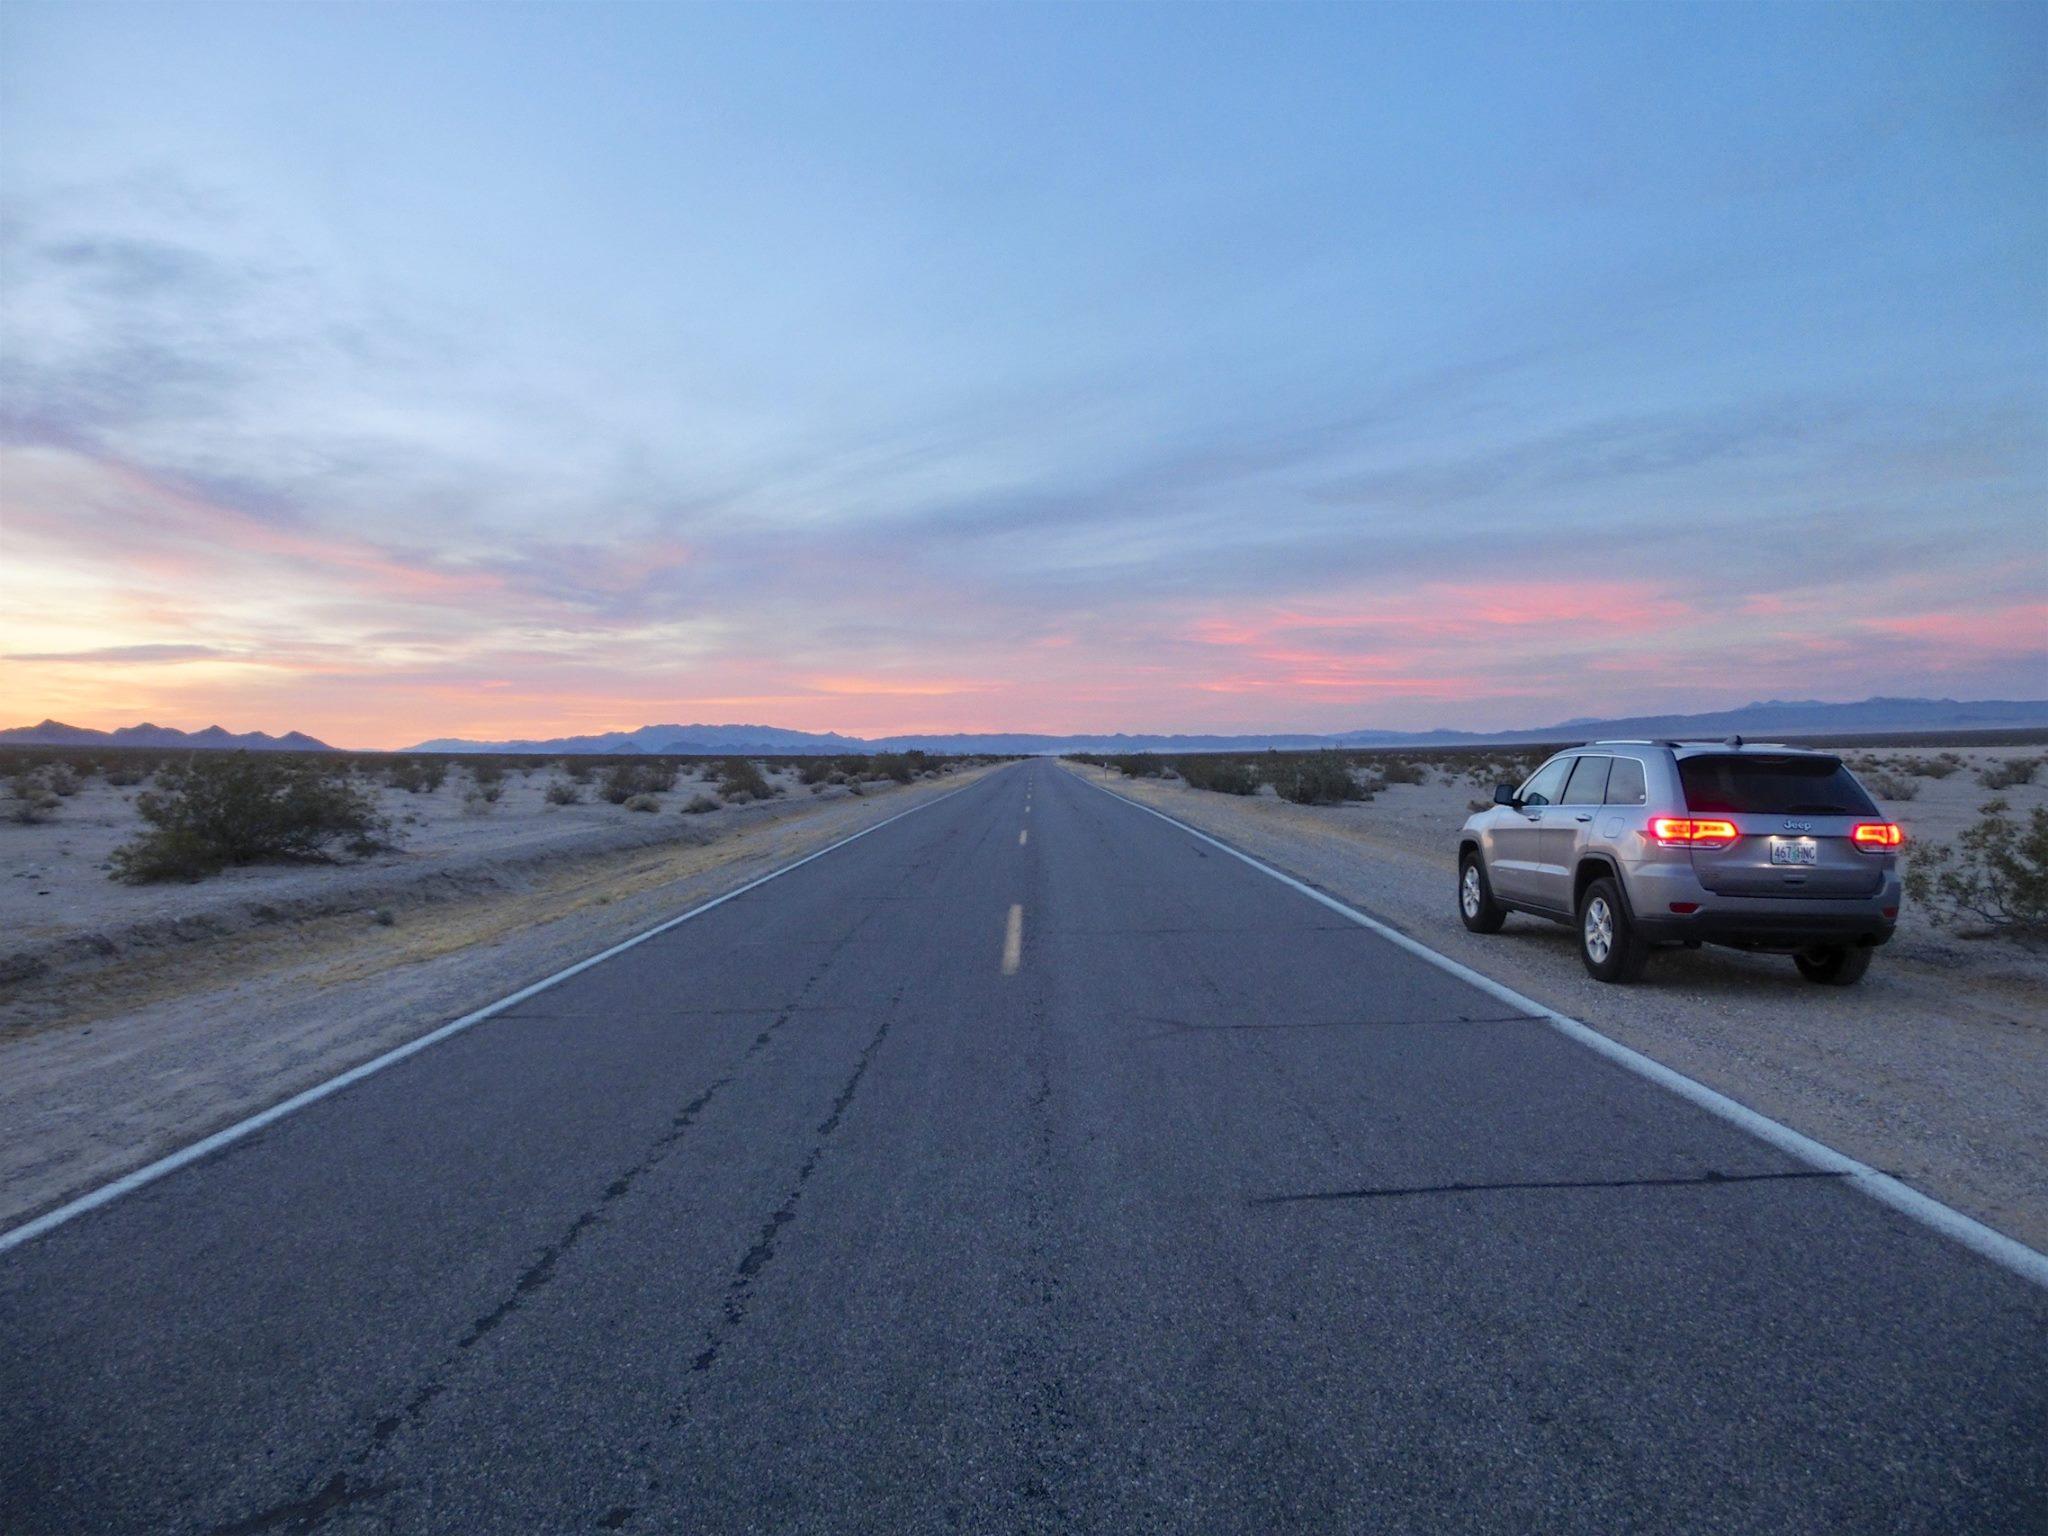 Solnedgang i ørkenen